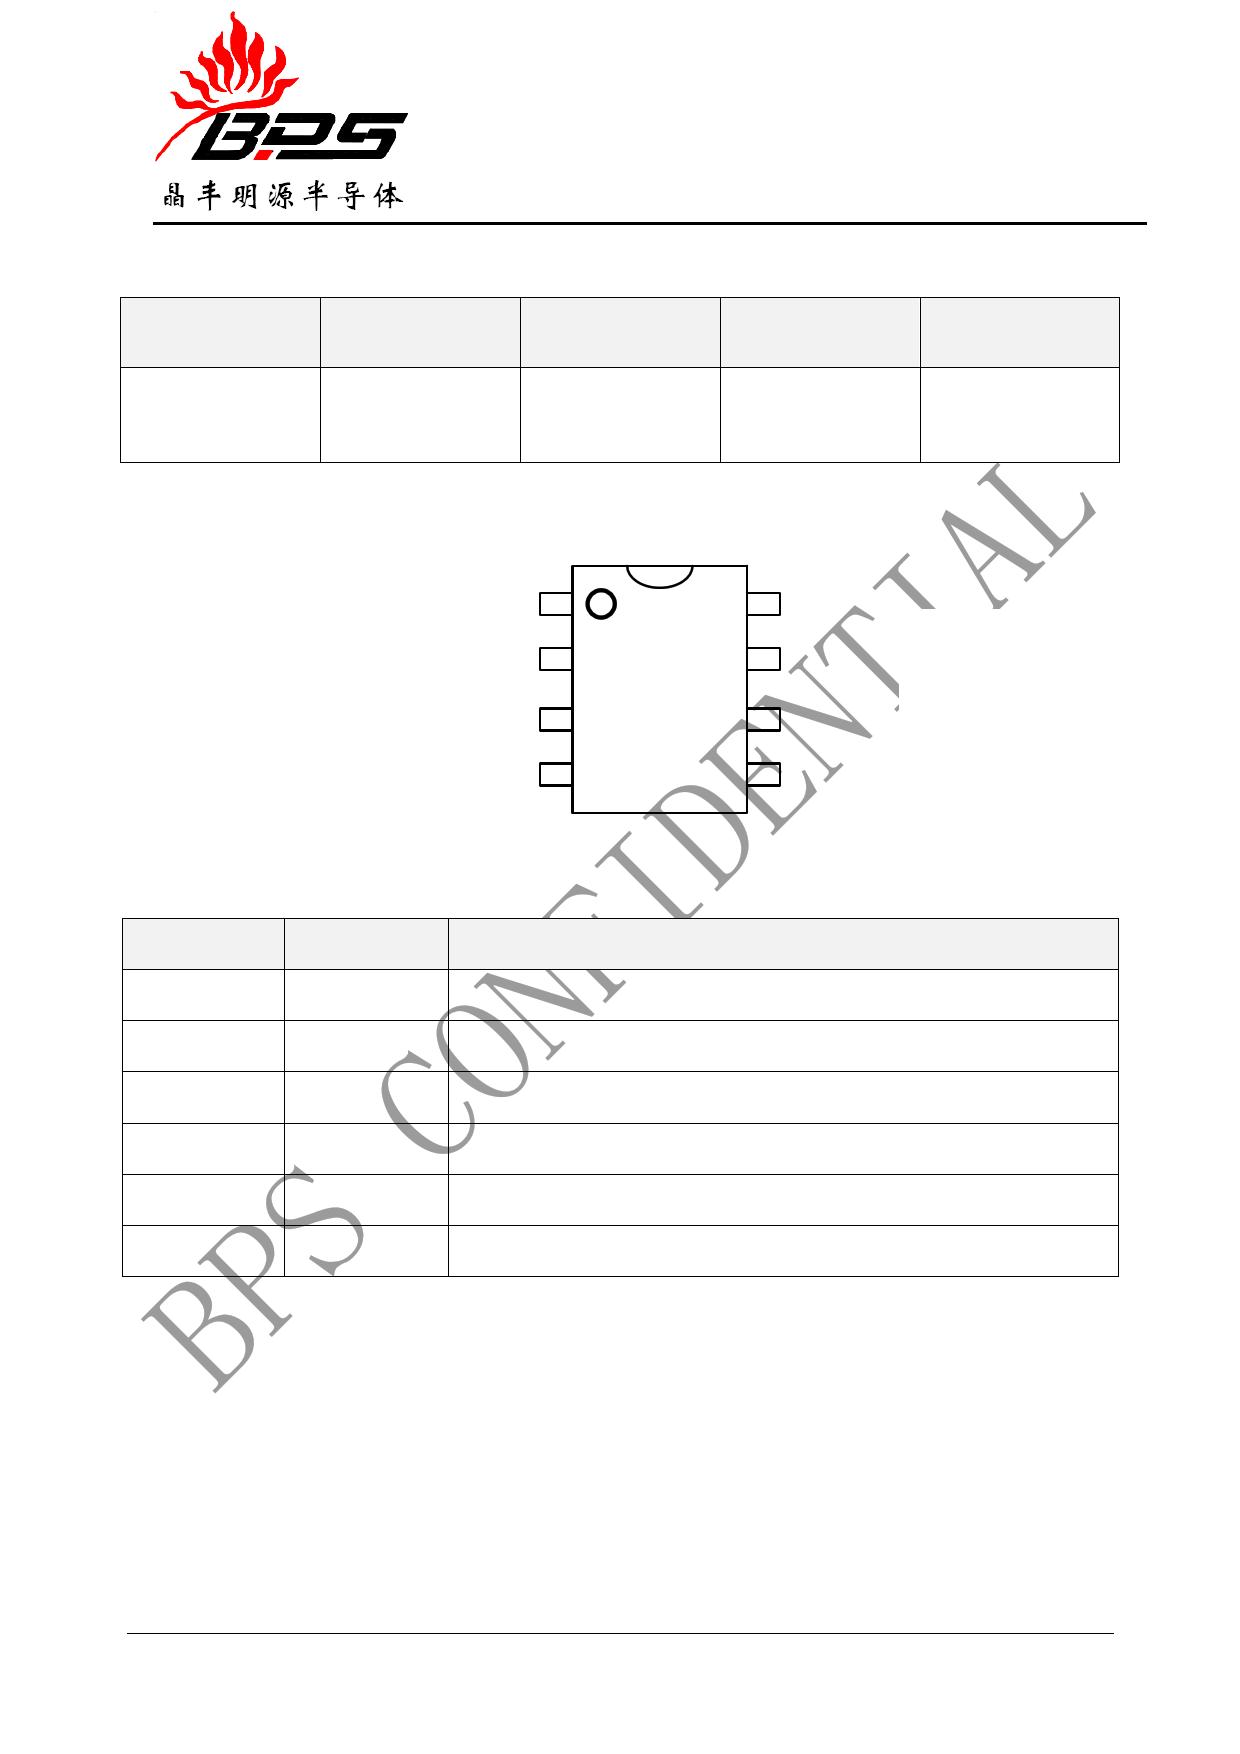 BP9021 data sheet